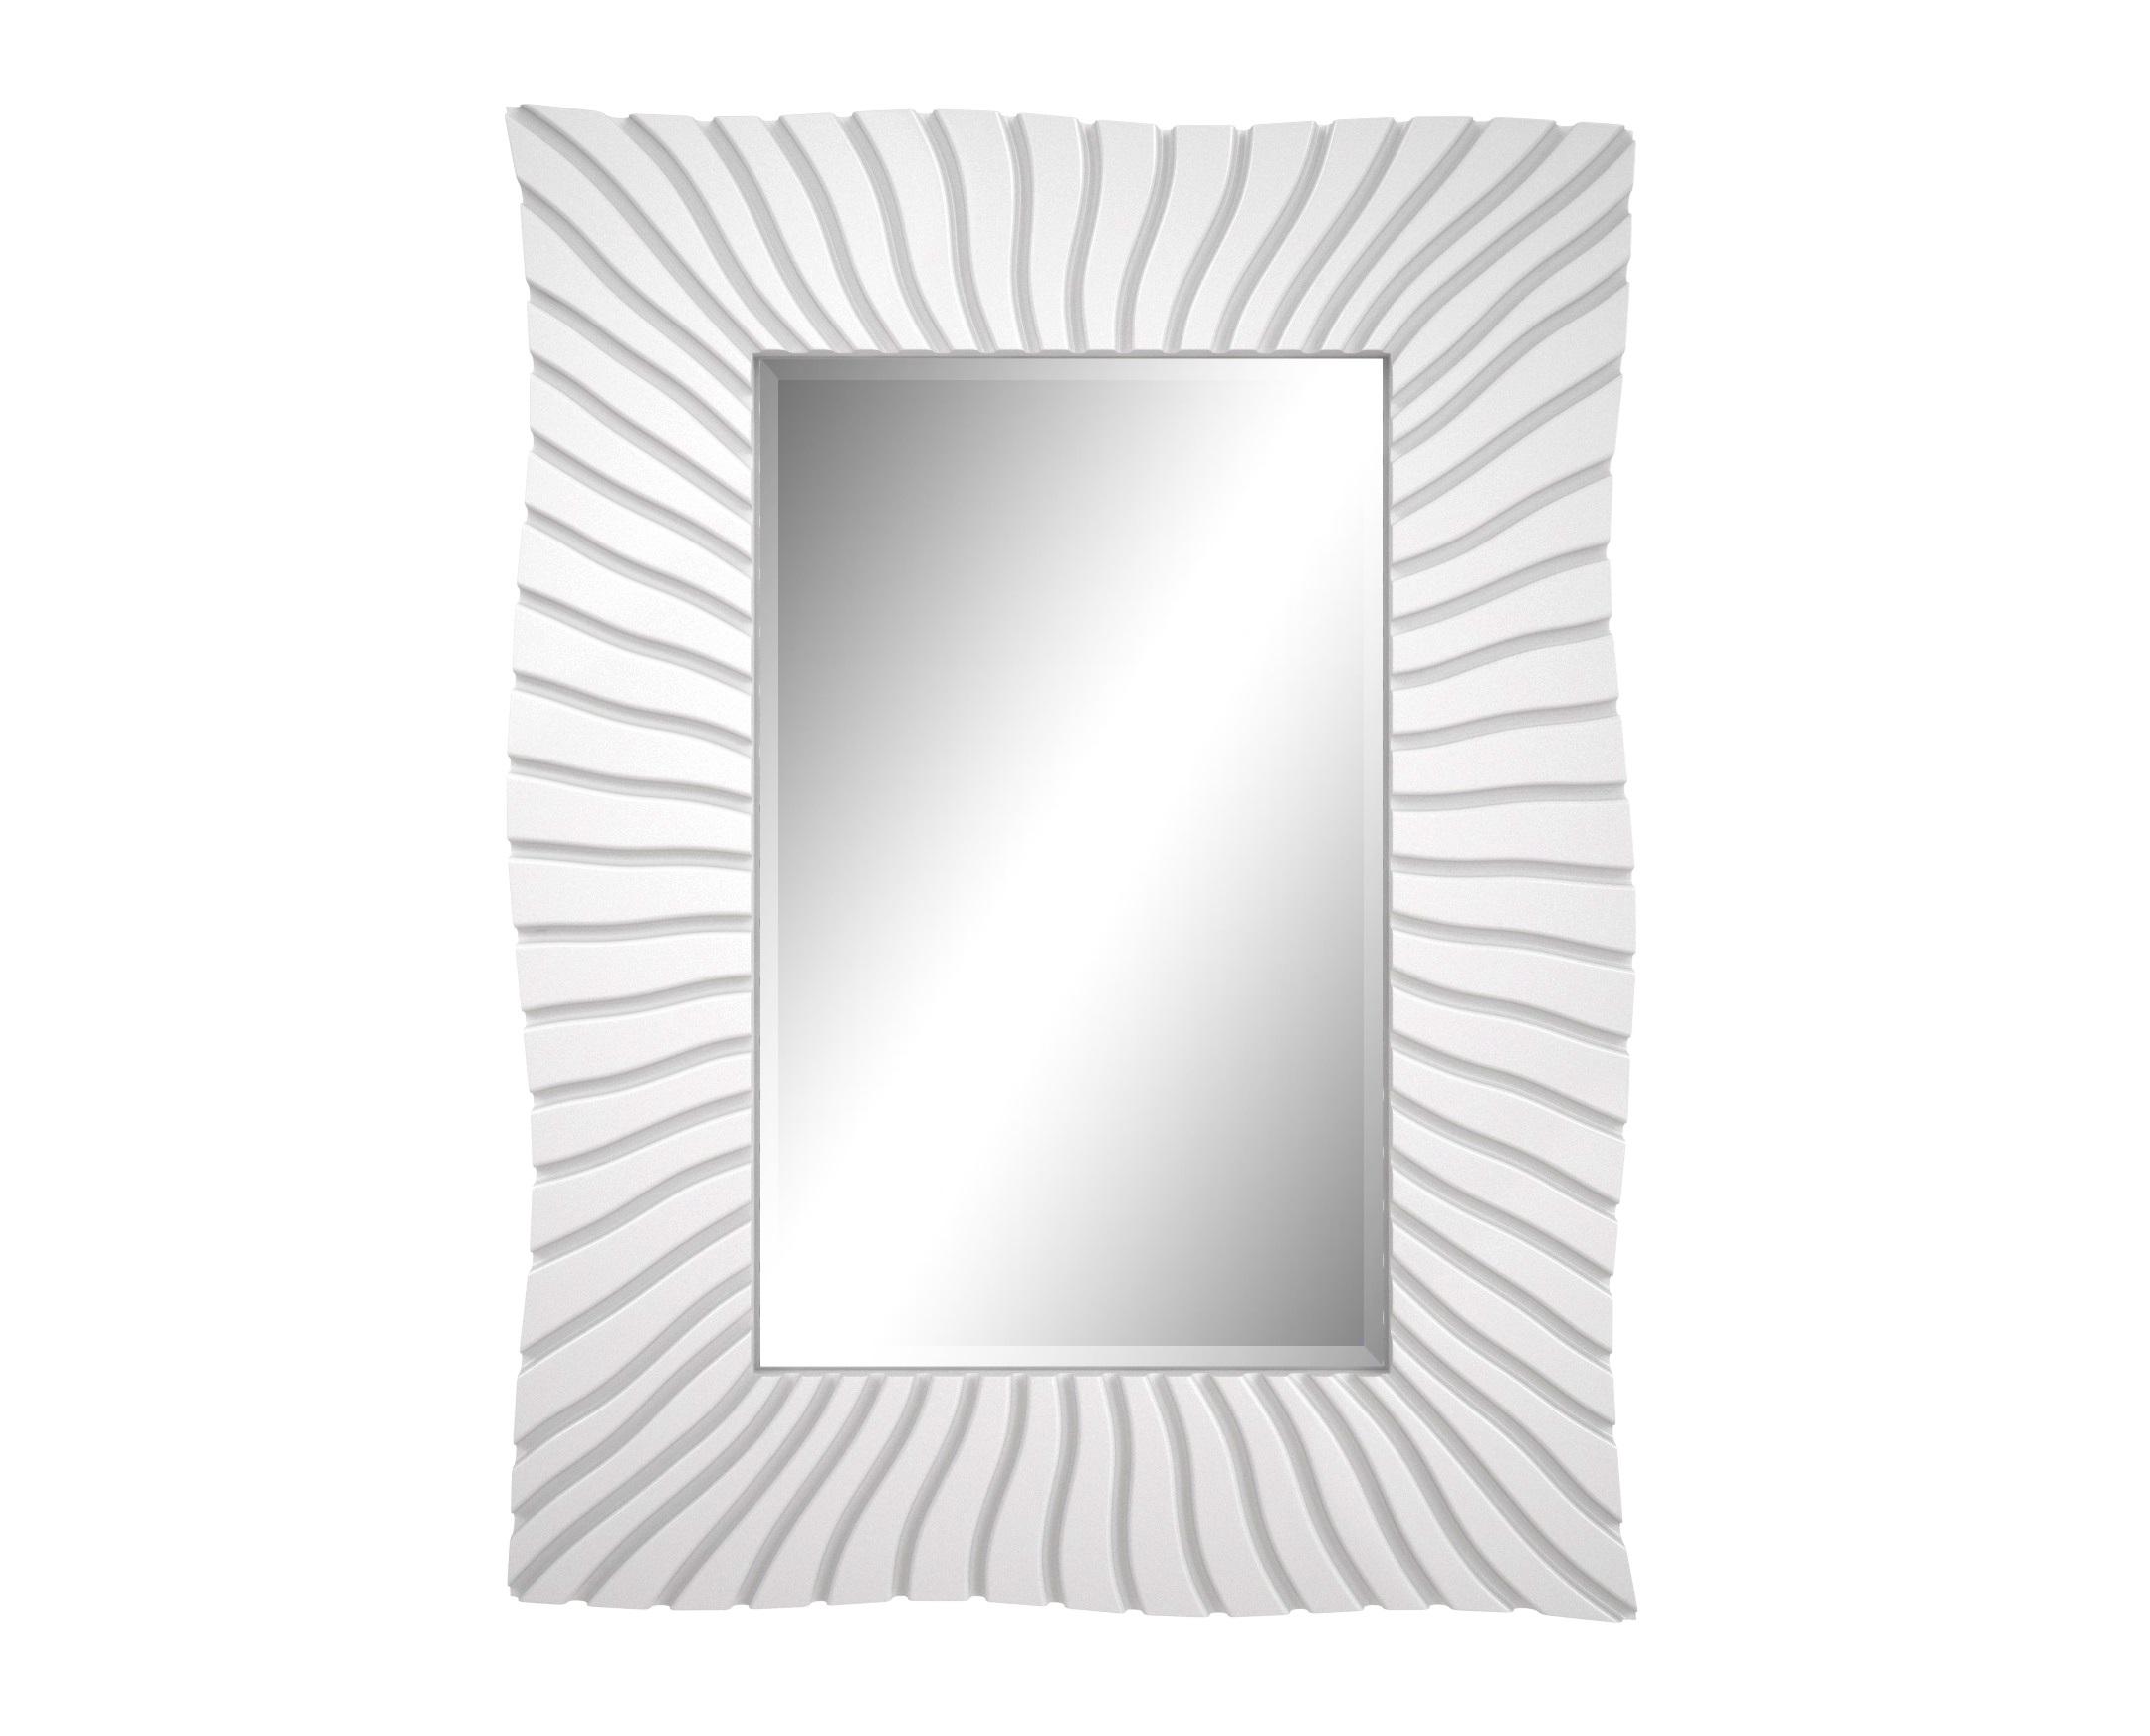 Зеркало Ambicioni 15437922 от thefurnish